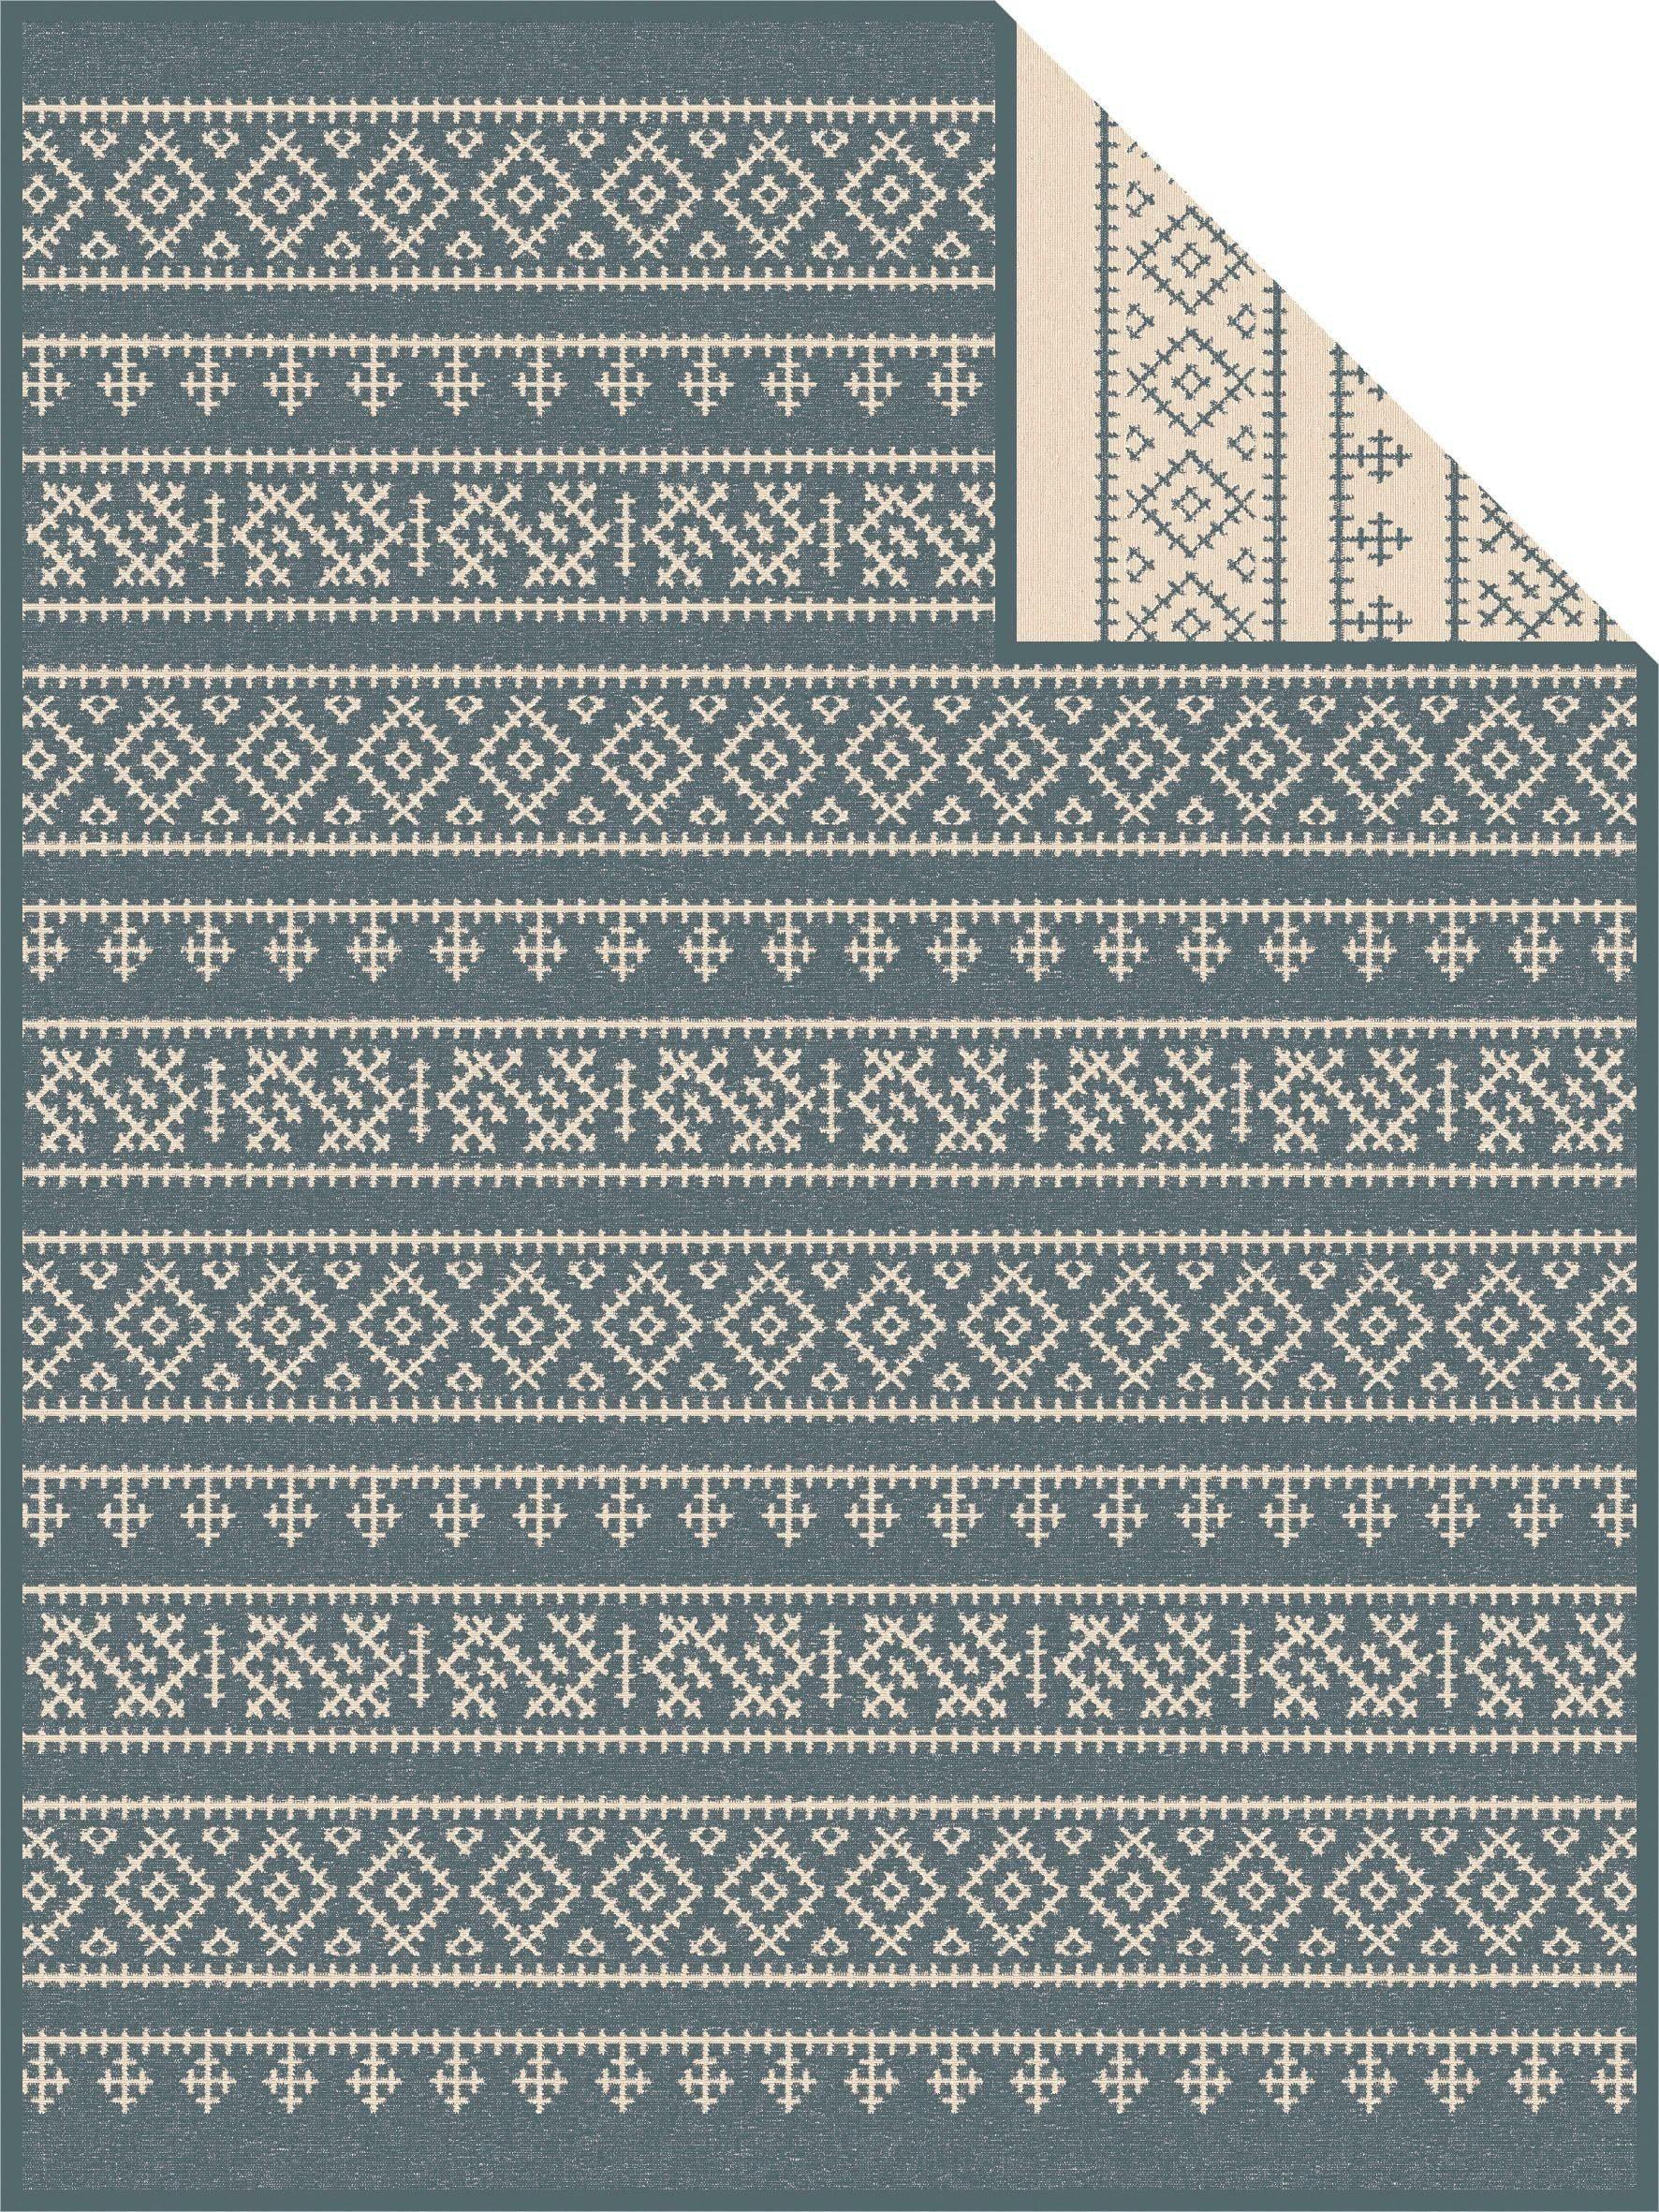 Wohndecke »Haugesund«, IBENA, mit Norwegen Muster